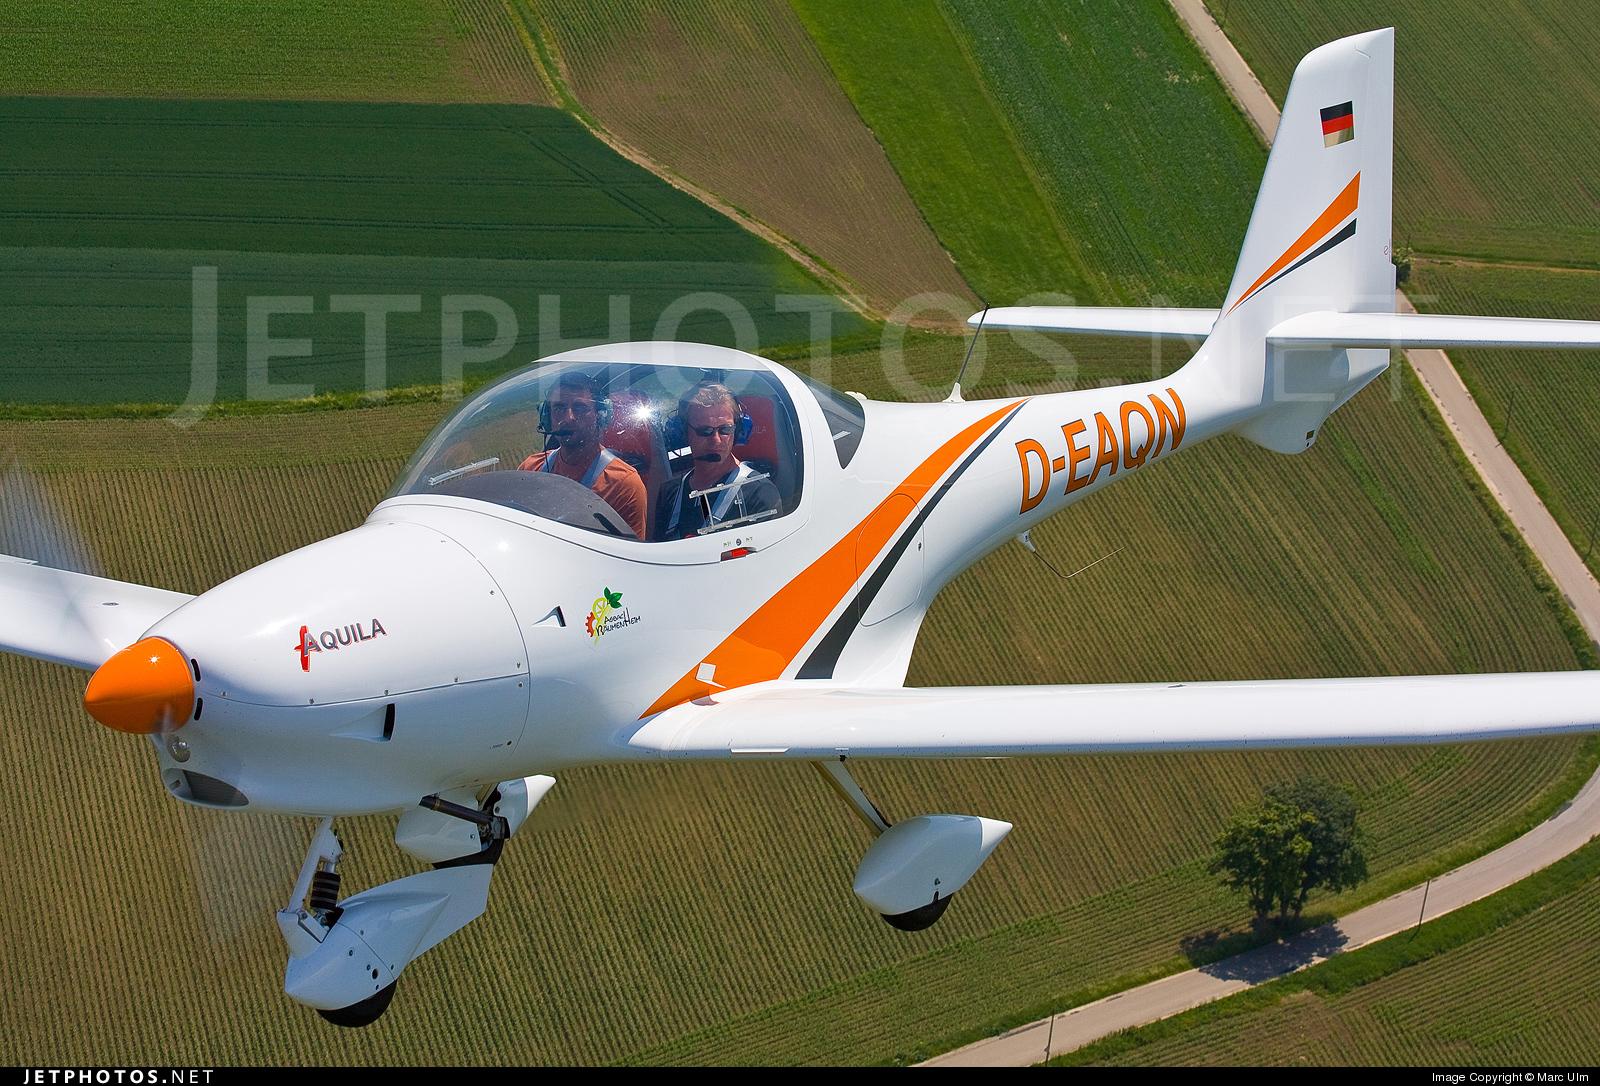 D-EAQN - Aquila A210 - Private